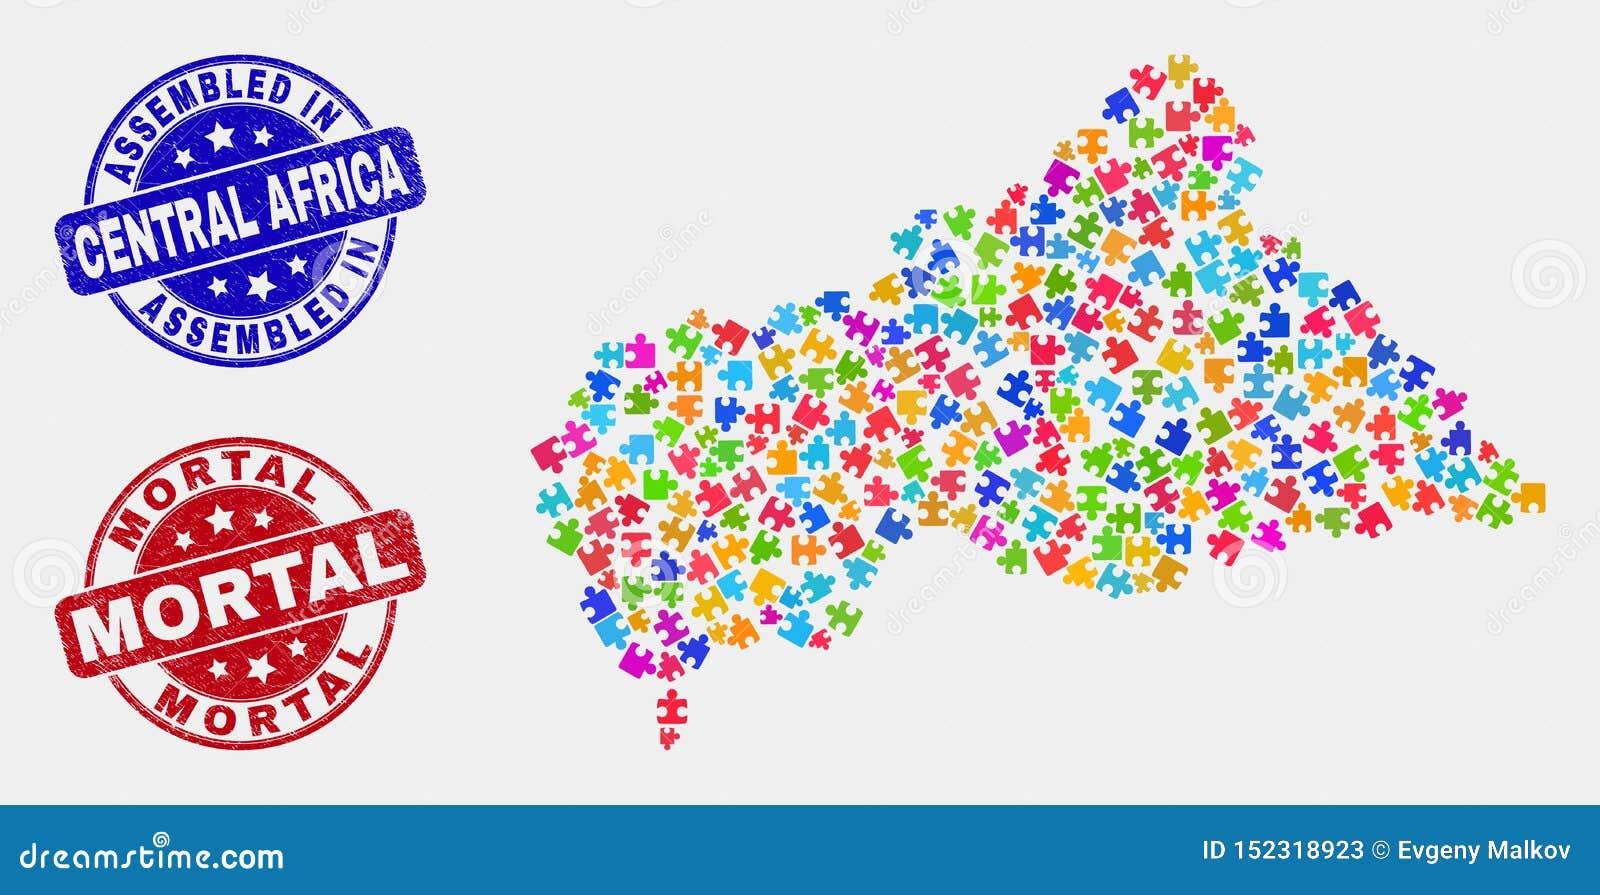 Χάρτης Κεντροαφρικανικής Δημοκρατίας δεσμών και κίνδυνος που συγκεντρώνονται και θανάσιμες σφραγίδες γραμματοσήμων